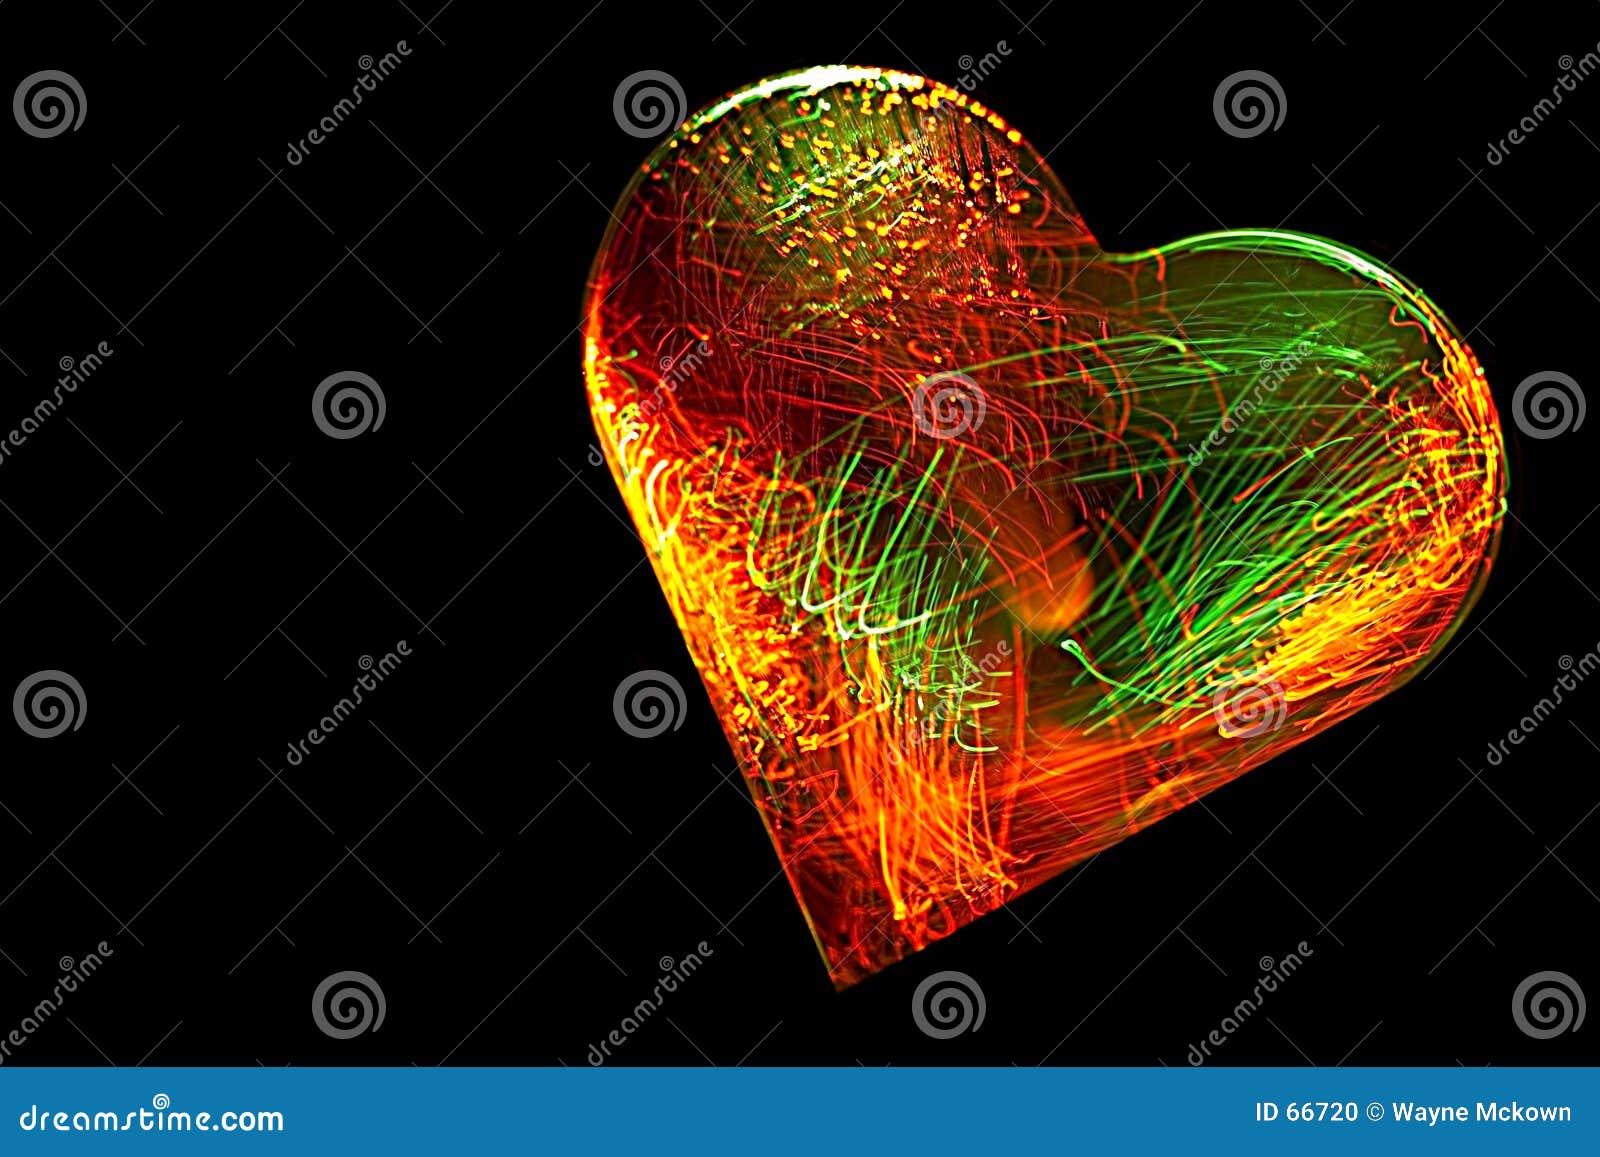 Coração electrificado